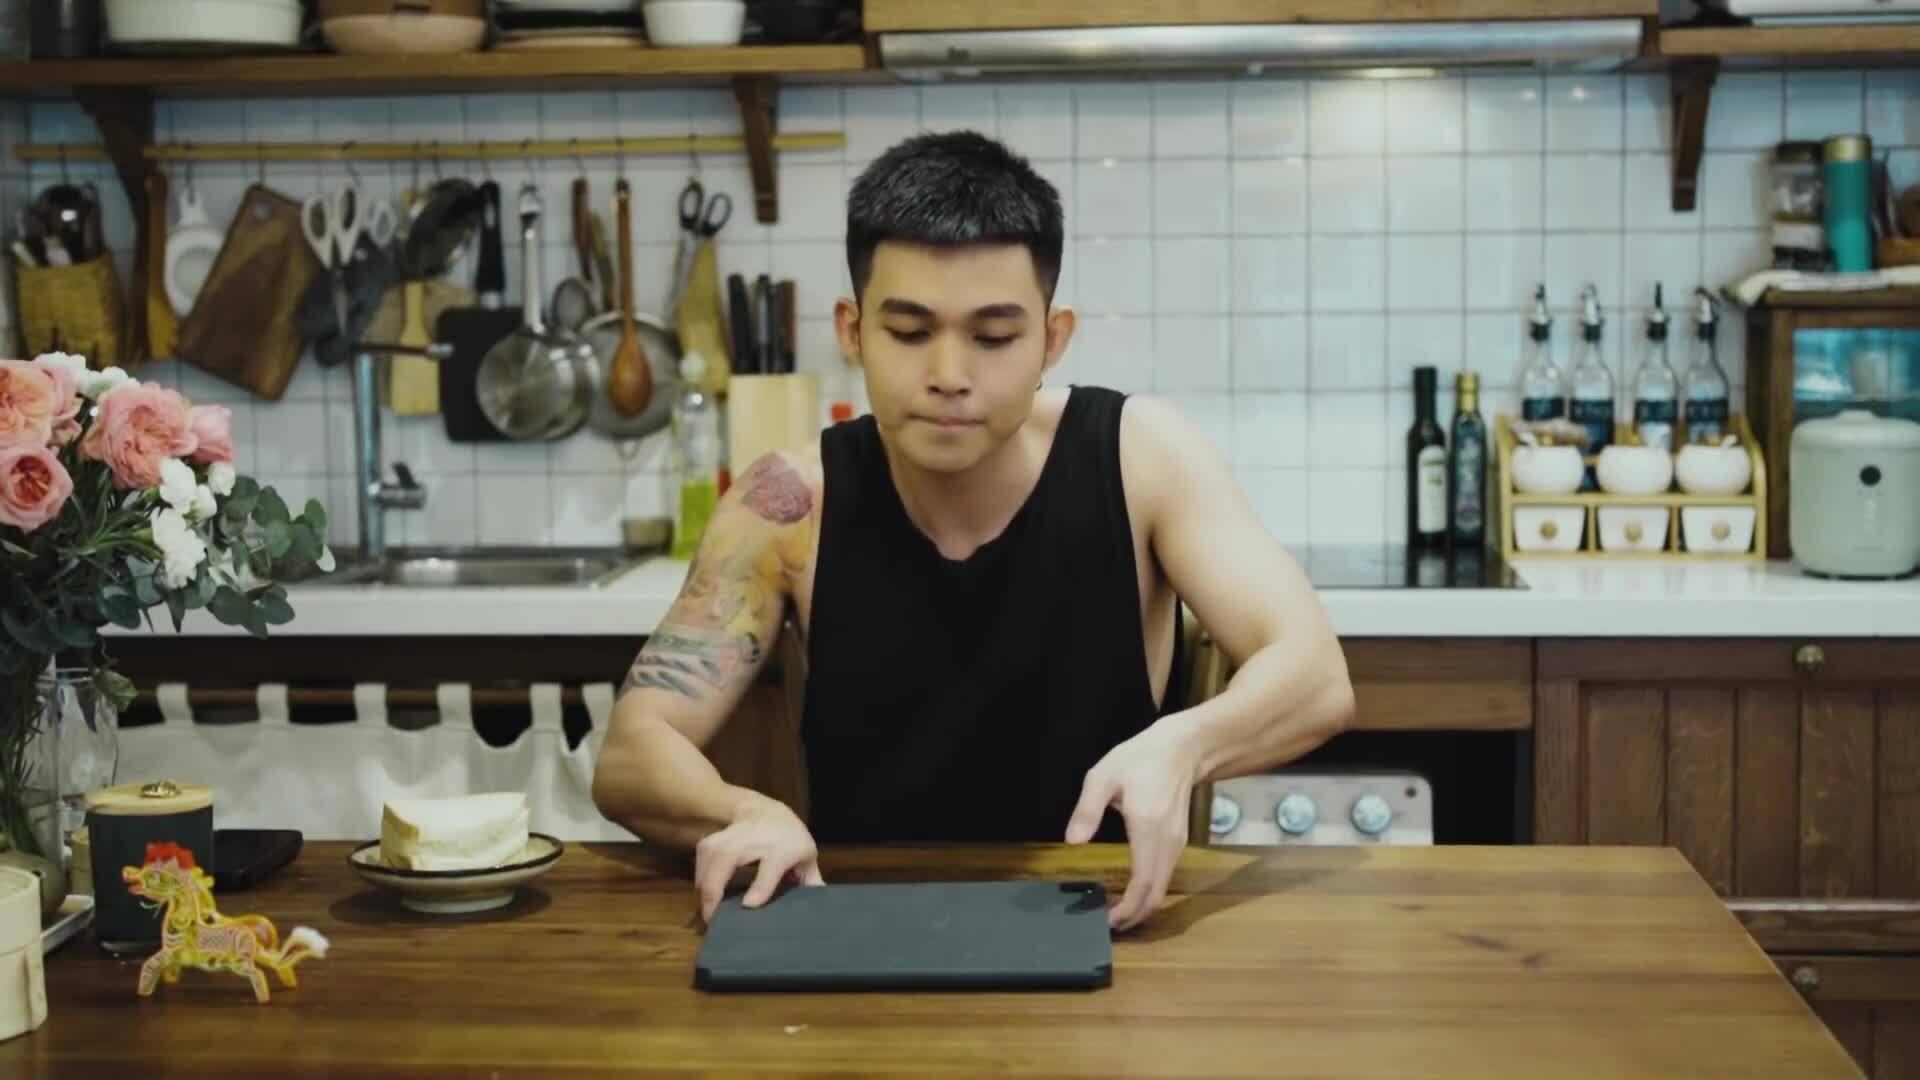 'Chill' cùng Jun Phạm với chuyến du lịch trọn gói trong căn hộ 75m2